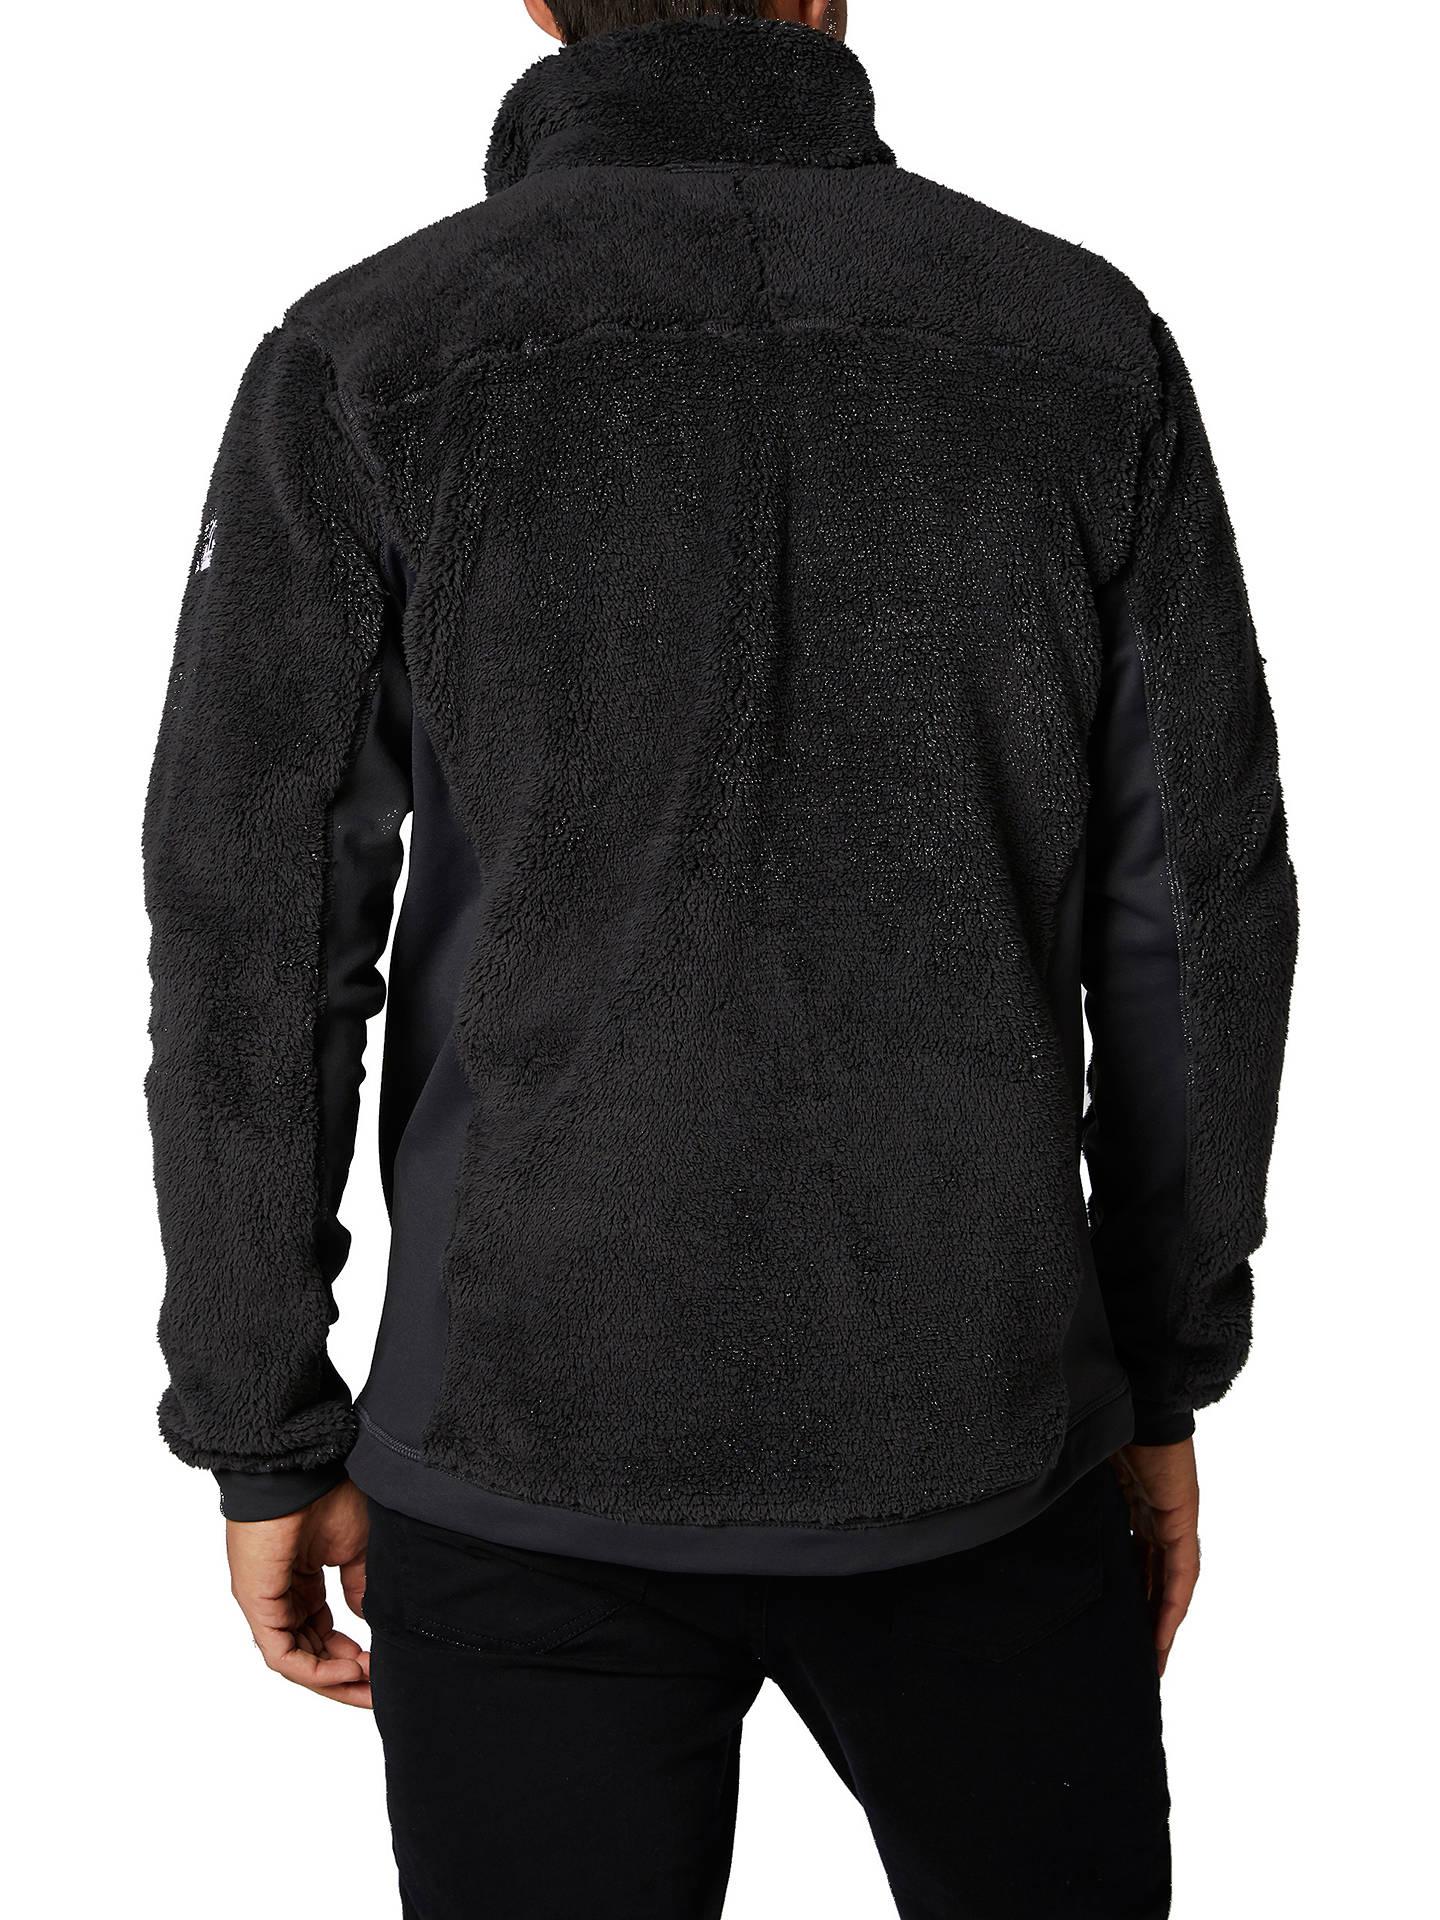 dobra jakość przystępna cena świetne oferty Helly Hansen Juell Men's Pile Fleece Jacket, Ebony at John ...